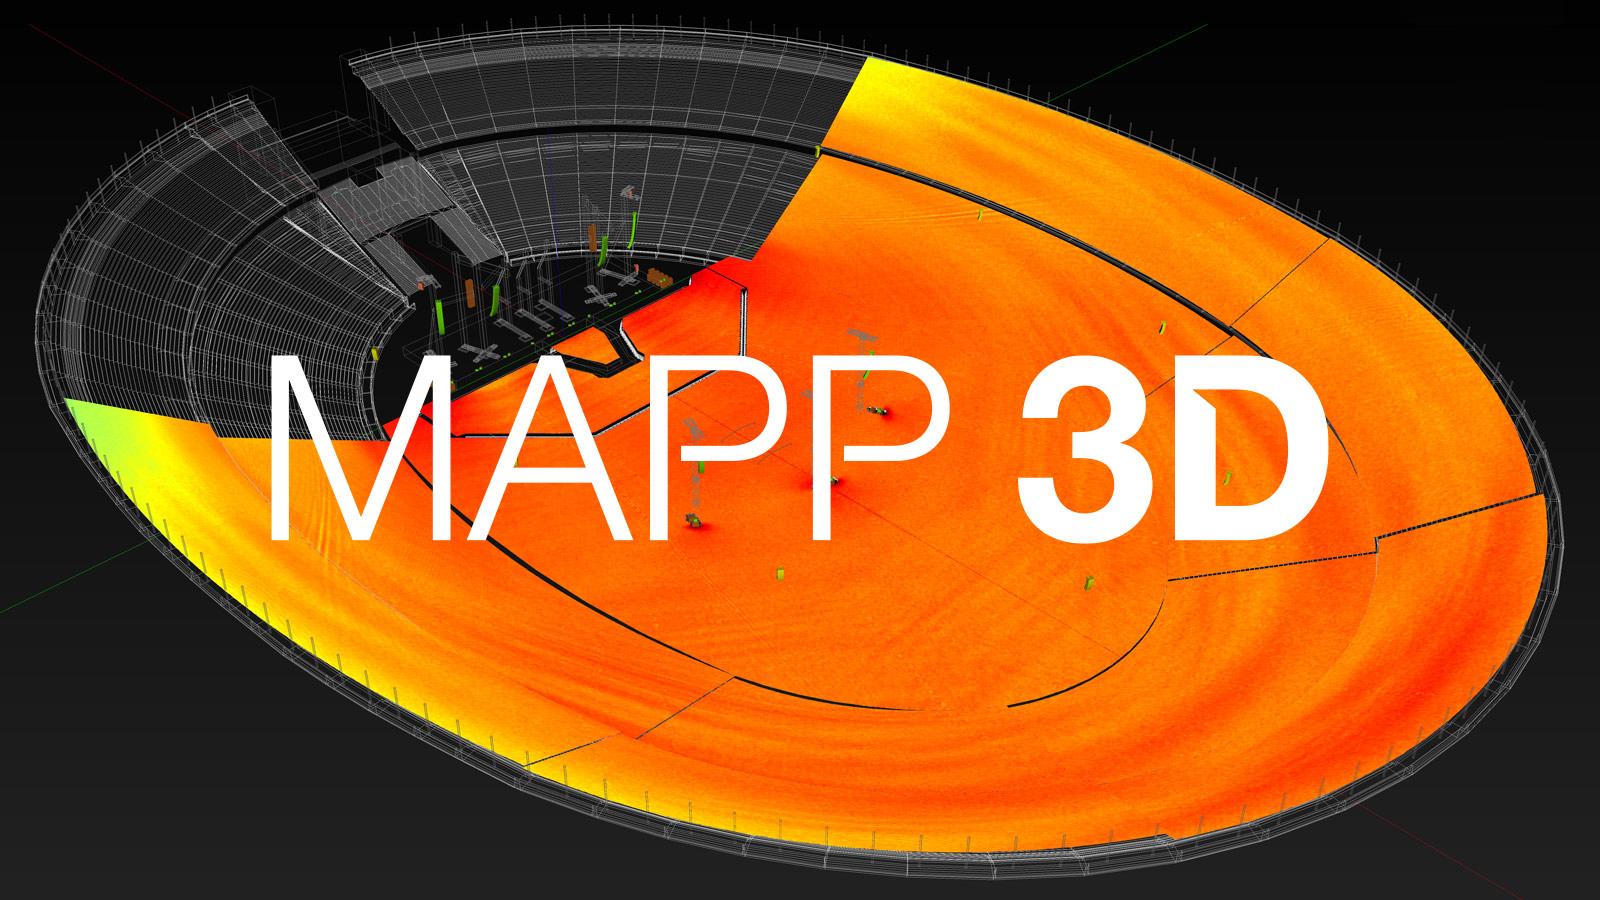 mapp-3d-software-progettazione-audio